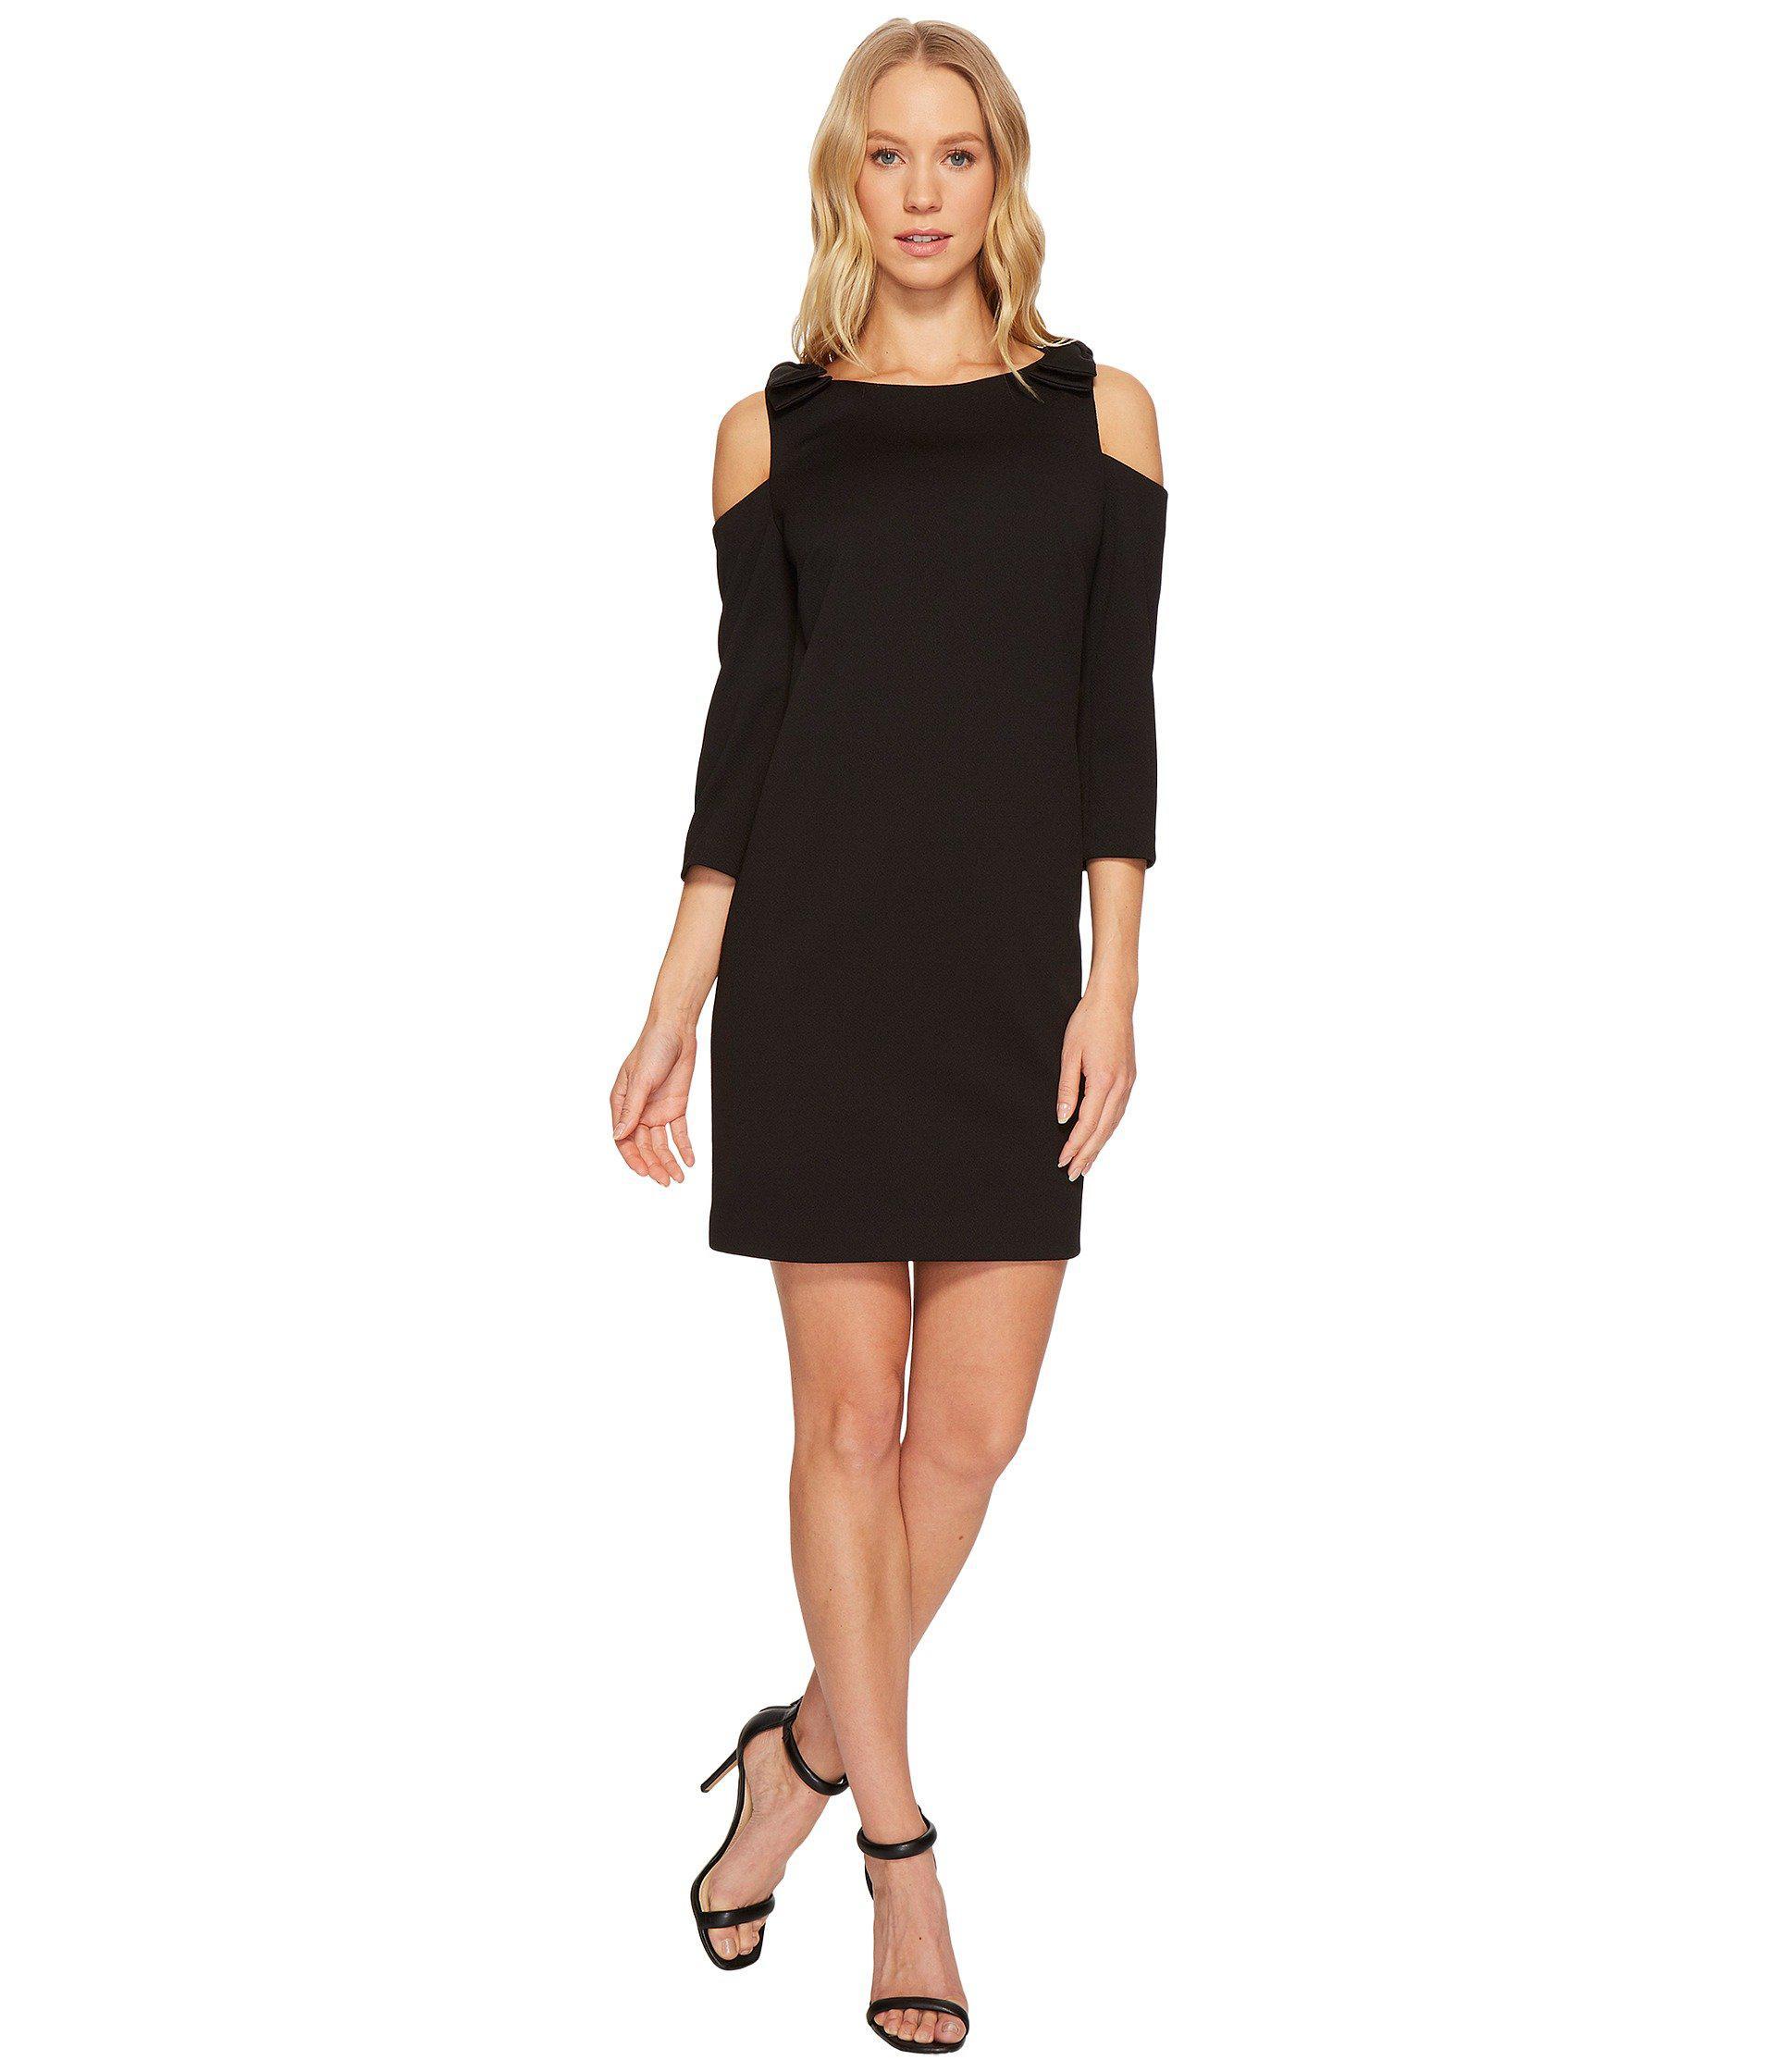 86d0ffa1441 Lyst - Trina Turk Aria Dress in Black